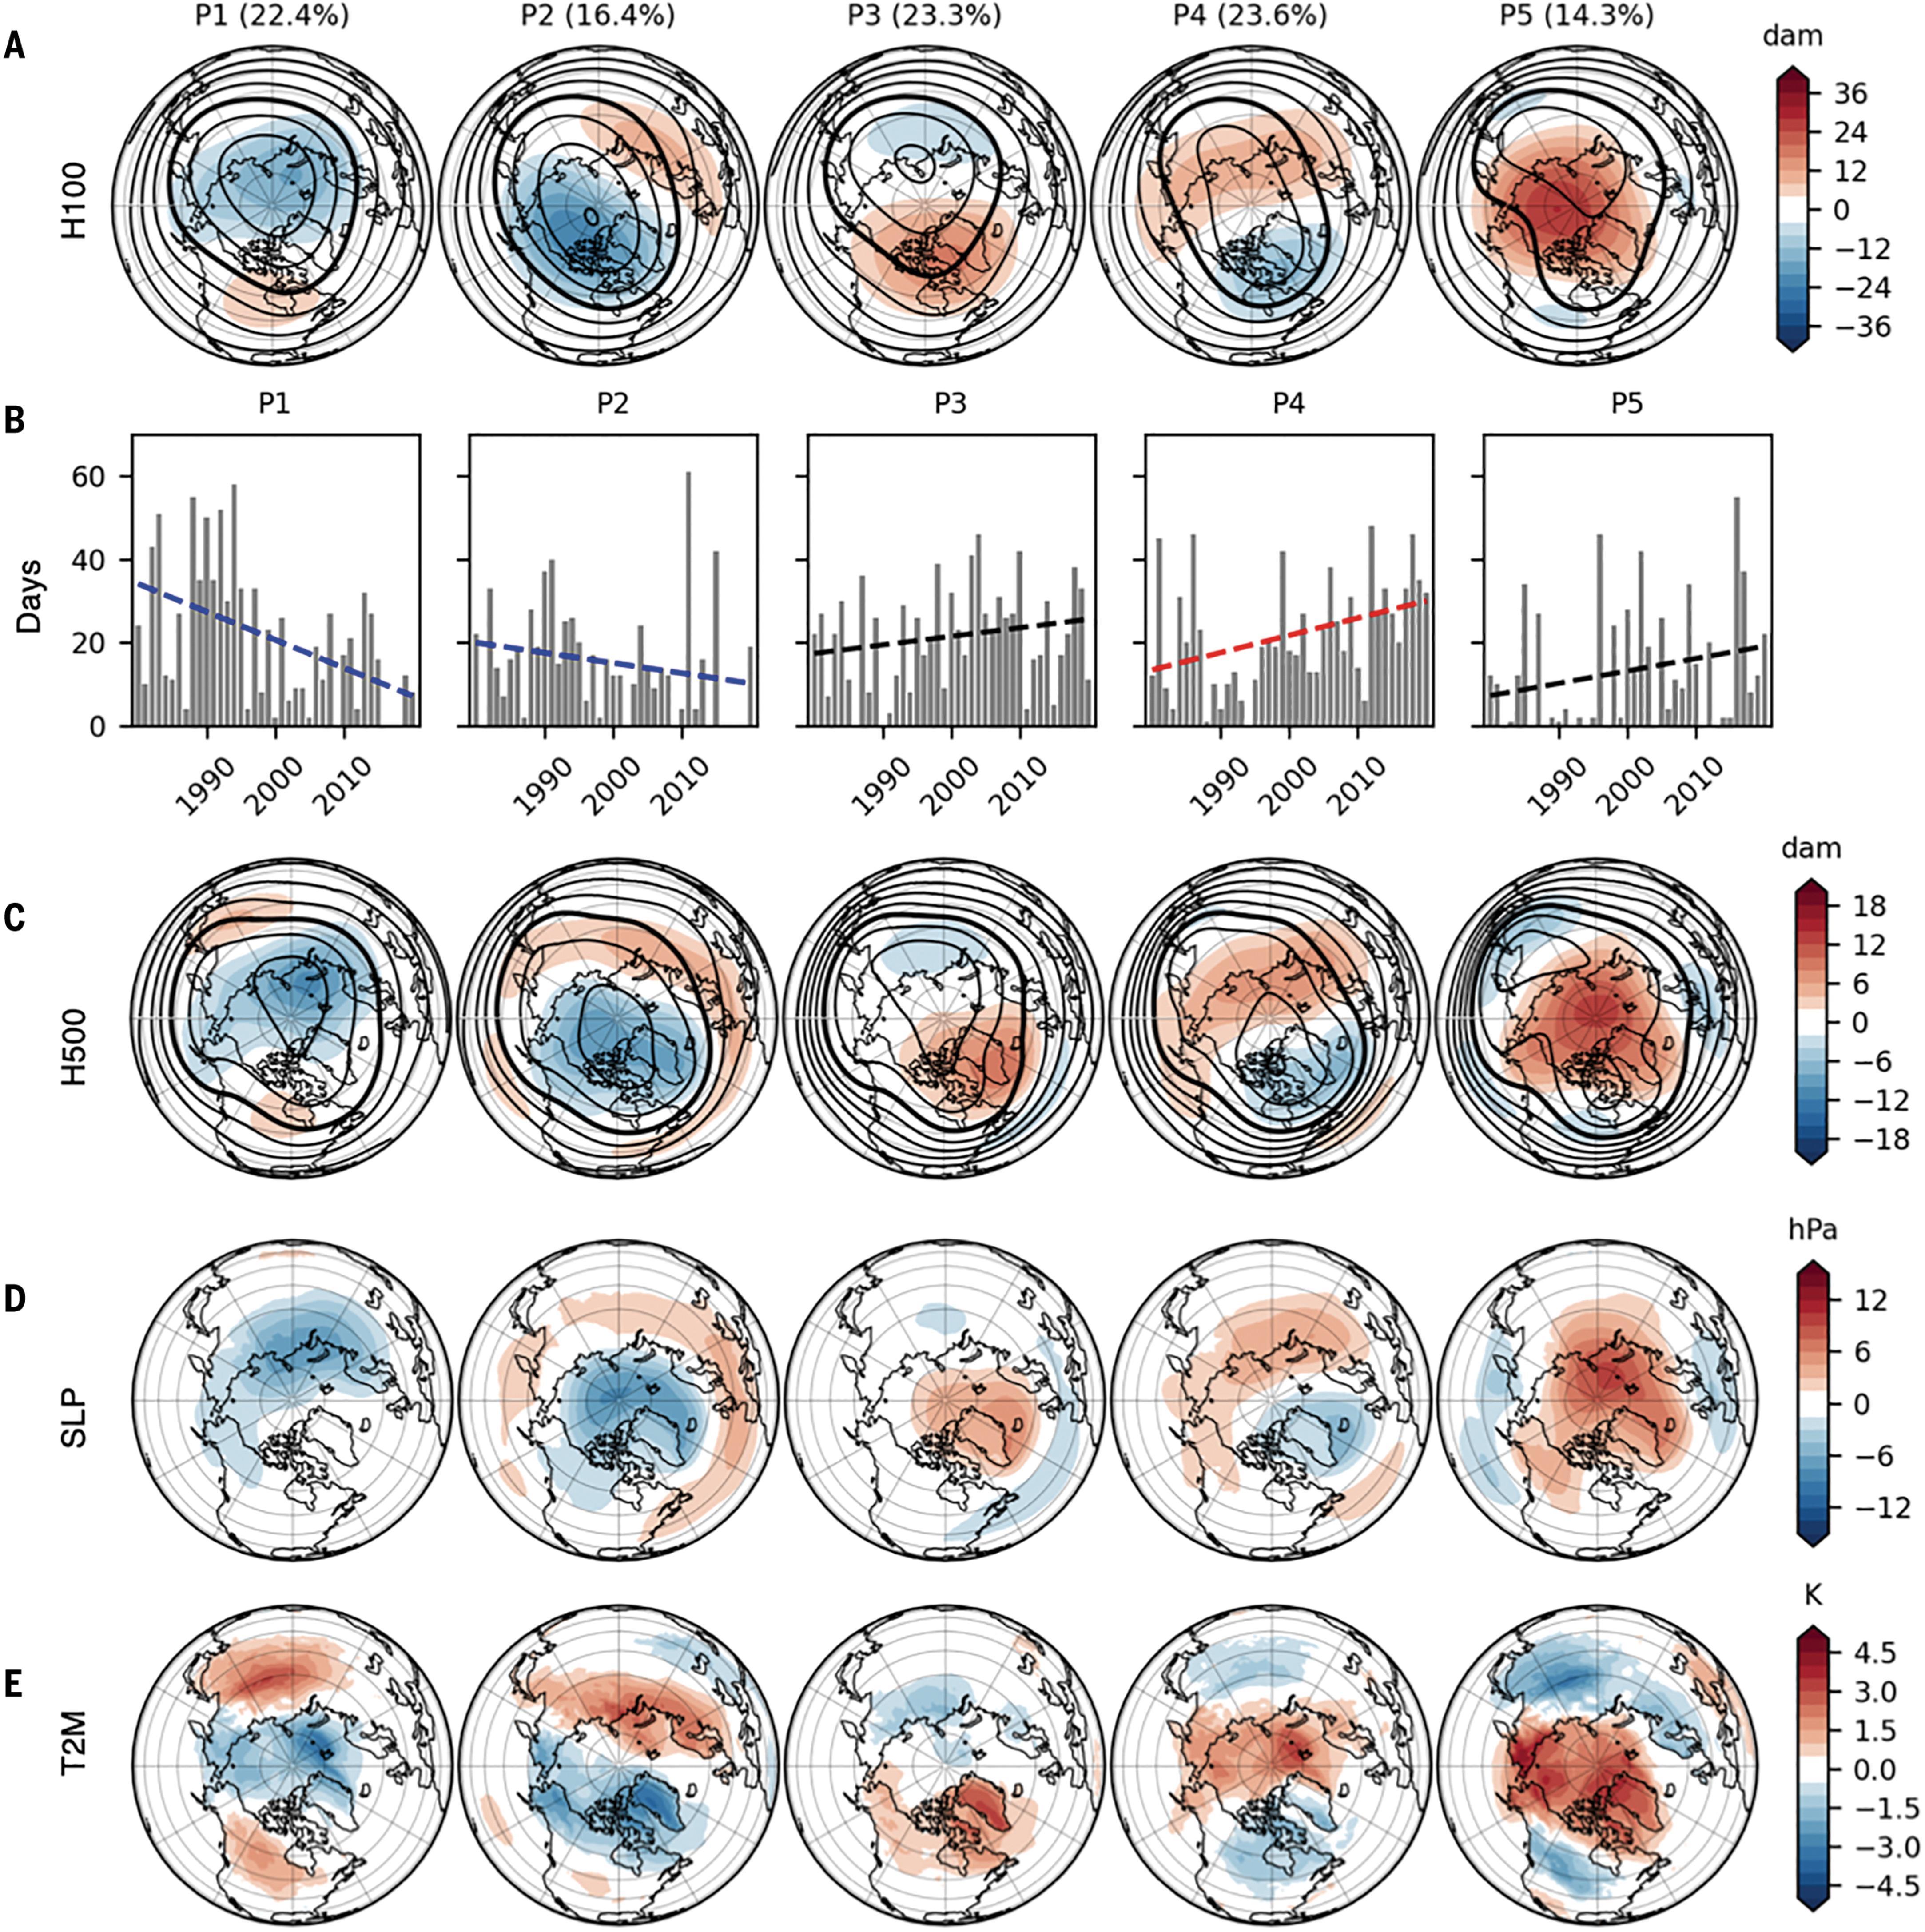 Изменение климата: потепление в Арктике связывают с более холодными зимами в Америке и Евразии